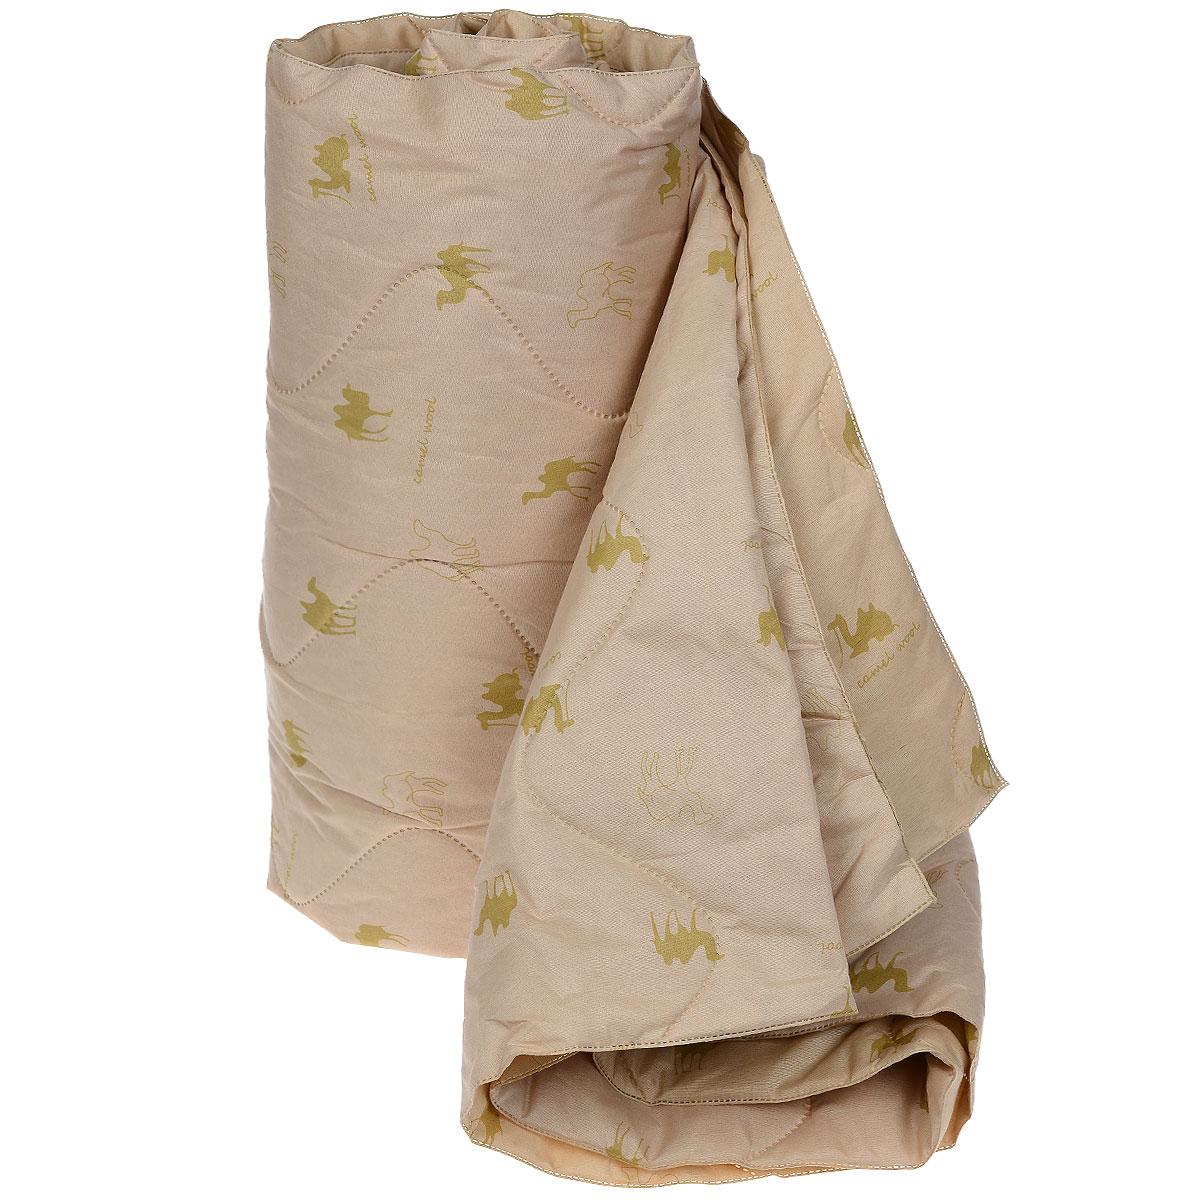 Одеяло Подушкино Верблюжье, наполнитель: шерсть, вискоза, 172 х 205 смS03301004Одеяло Подушкино Верблюжье порадует вас своим теплом и качеством!Чехол одеяла изготовлен из инновационного материала - биософт с фигурной безниточной стежкой, наполнитель - 40% верблюжья шерсть и 60% вискоза.Биософт - ткань из полиэстеровой нити с плотной и шелковистой на ощупь структурой. Легко стирается, не деформируется, не садится, быстро сохнет и сохраняет цвет на долгое время. Изделия из этой ткани очень легкие. Верблюжья шерсть давно оценена потребителями за исключительные достоинства, присущие только ей: - оздоравливающие свойства - благодаря содержанию ланолина нейтрализует токсины, улучшает микроциркуляцию кожи, расширяет сосуды, усиливает обмен веществ и помогает избавиться от ревматических болей; - воздухопроницаемость - полая структура волоса позволяет воздуху свободно циркулировать внутри изделий; - гипоаллергенность. Размер одеяла: 172 см х 205 см.